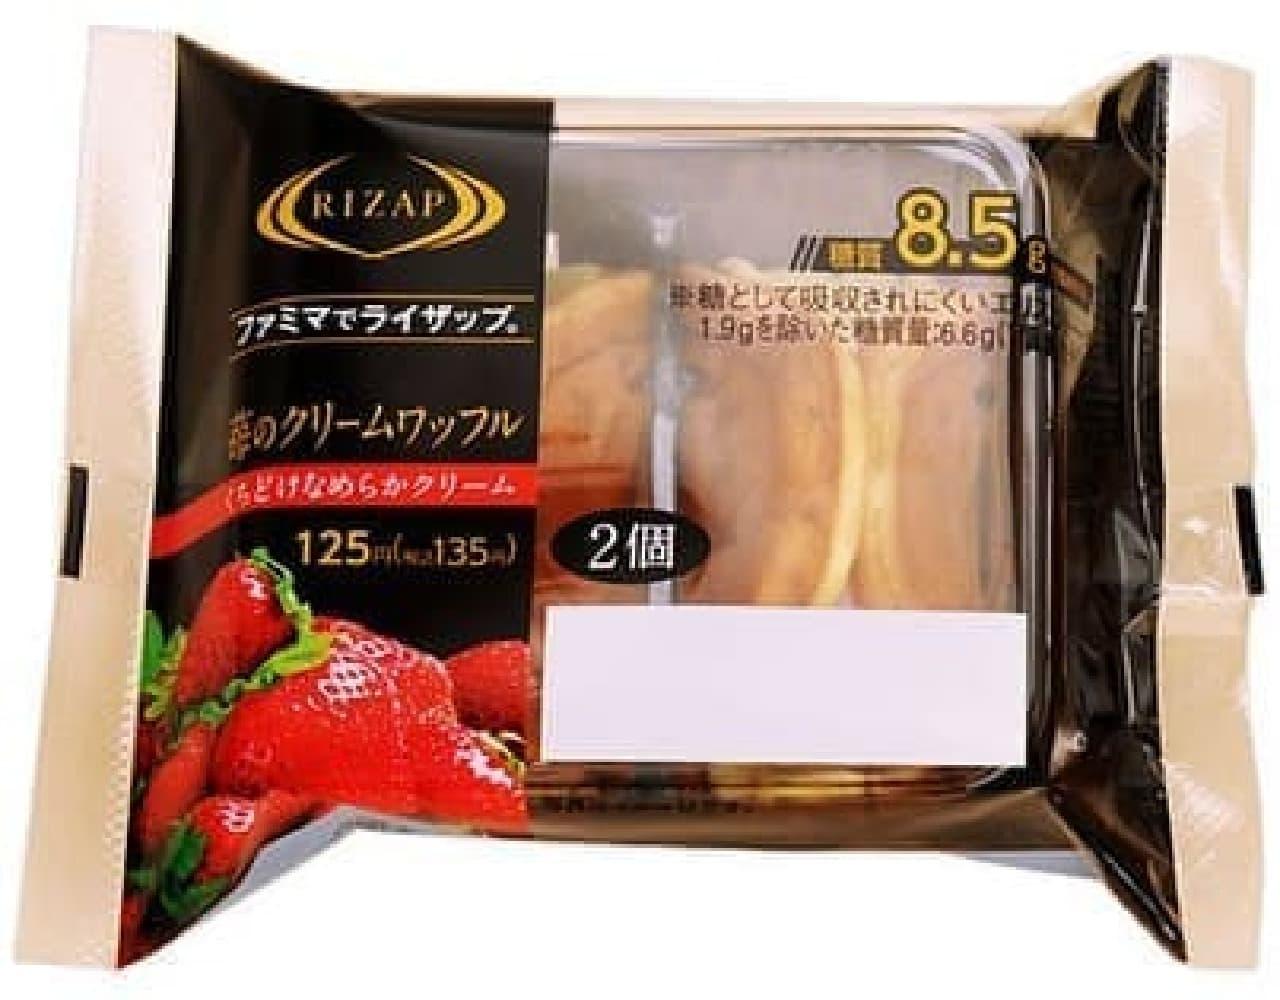 ファミリーマート「RIZAP 苺のクリームワッフル」